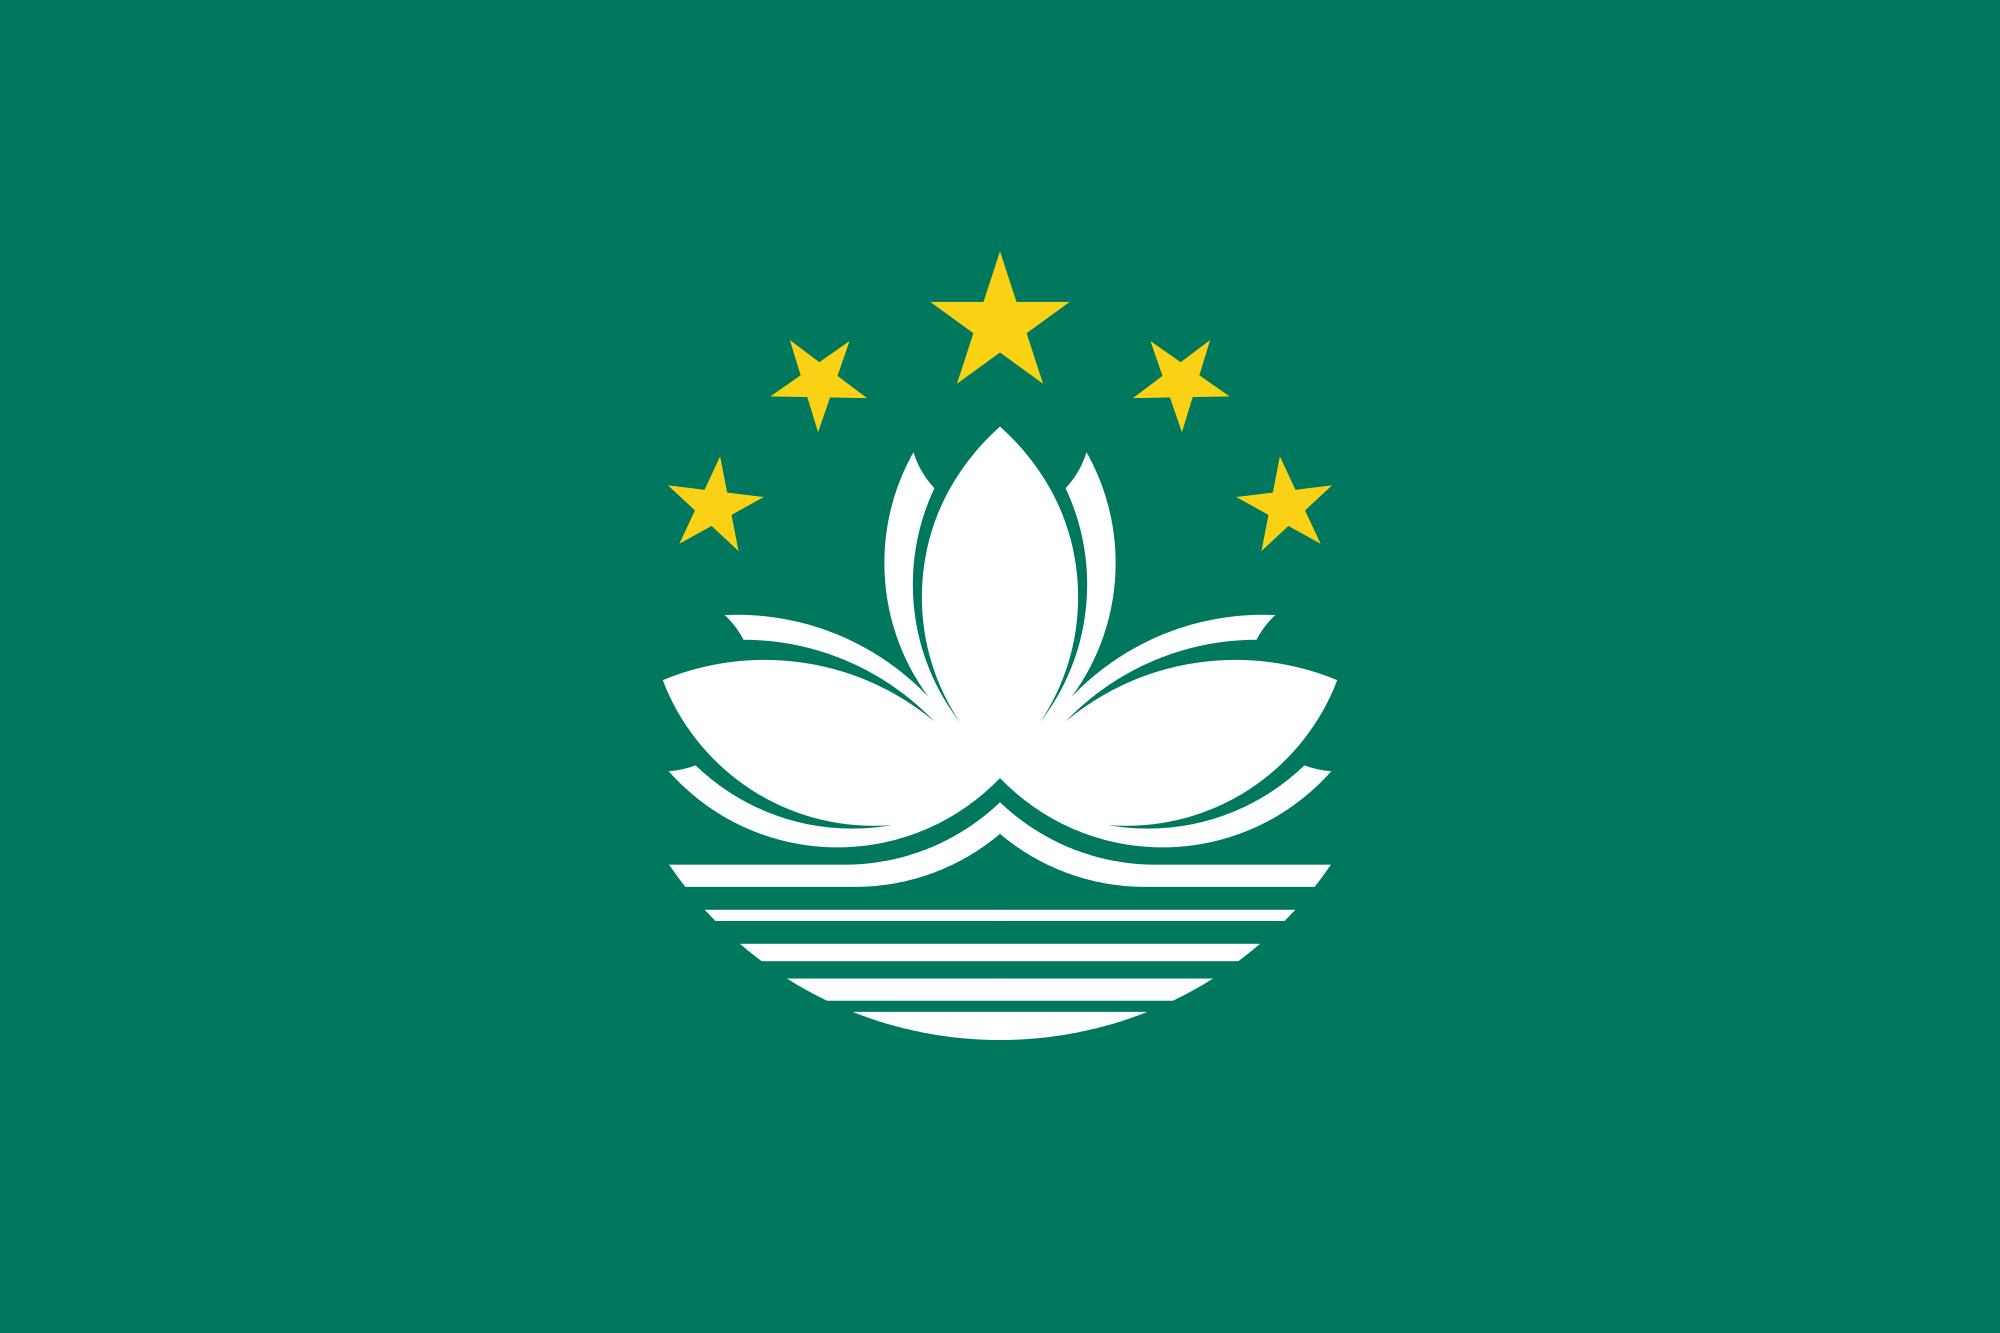 ماكاو, البلد, emblema, شعار, الرمز - خلفيات عالية الدقة - أستاذ falken.com